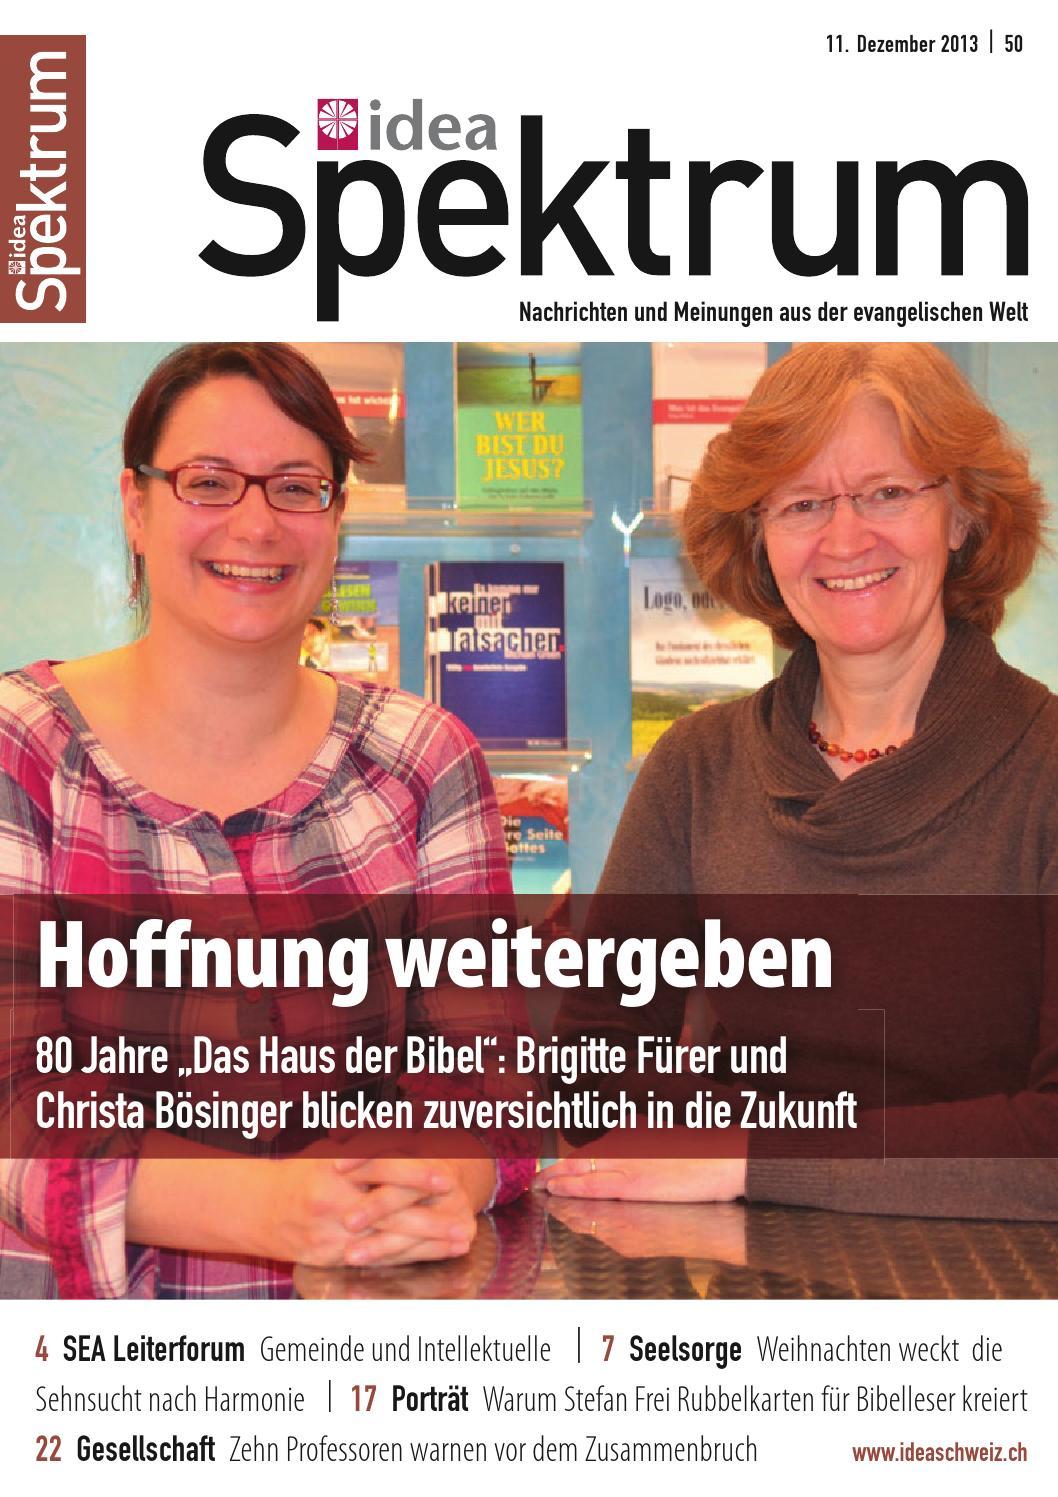 Idea Spektrum Schweiz 50/2013 by Jordi AG – das Medienhaus - issuu